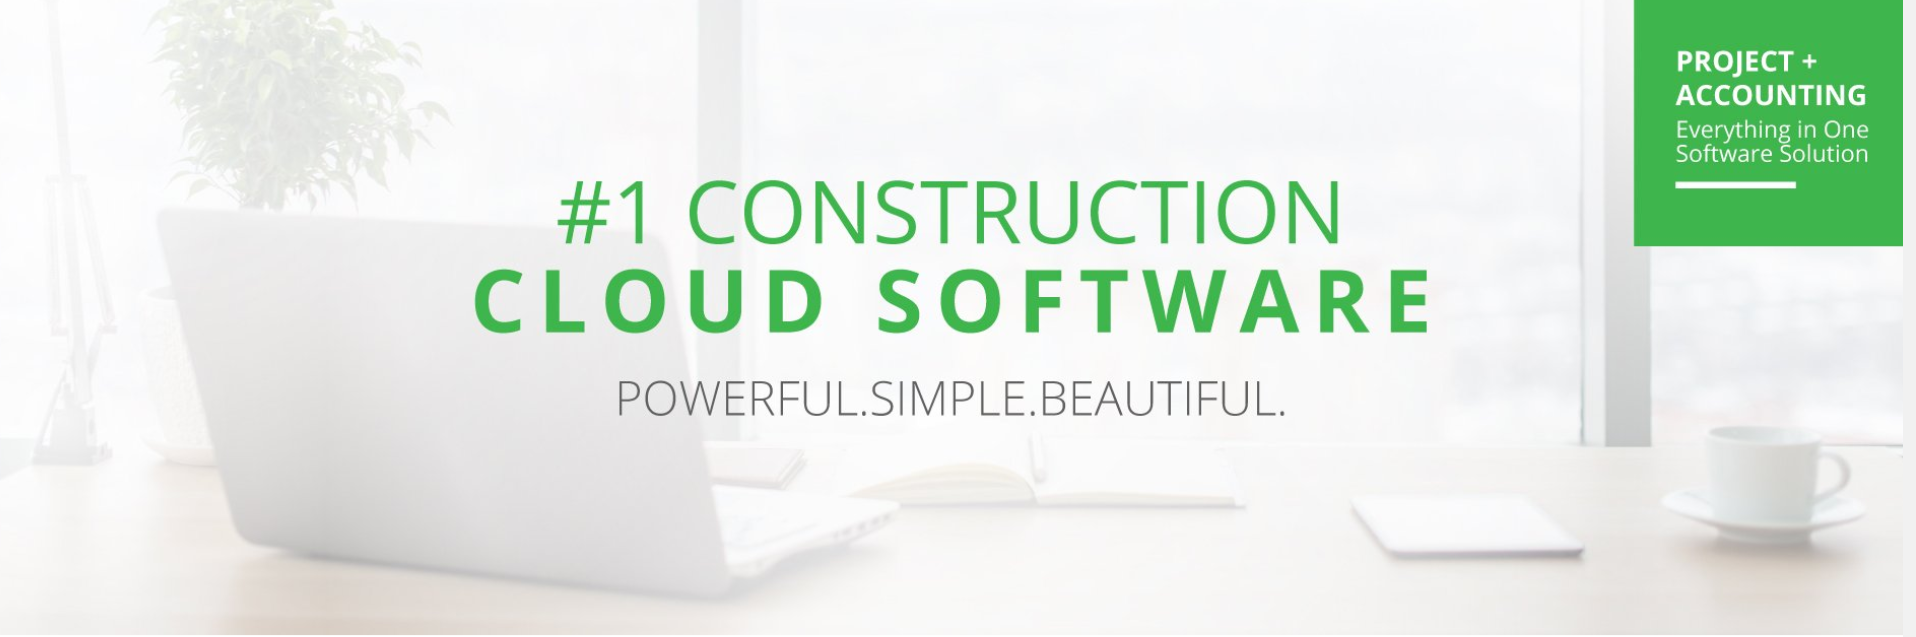 Premier Construction Software